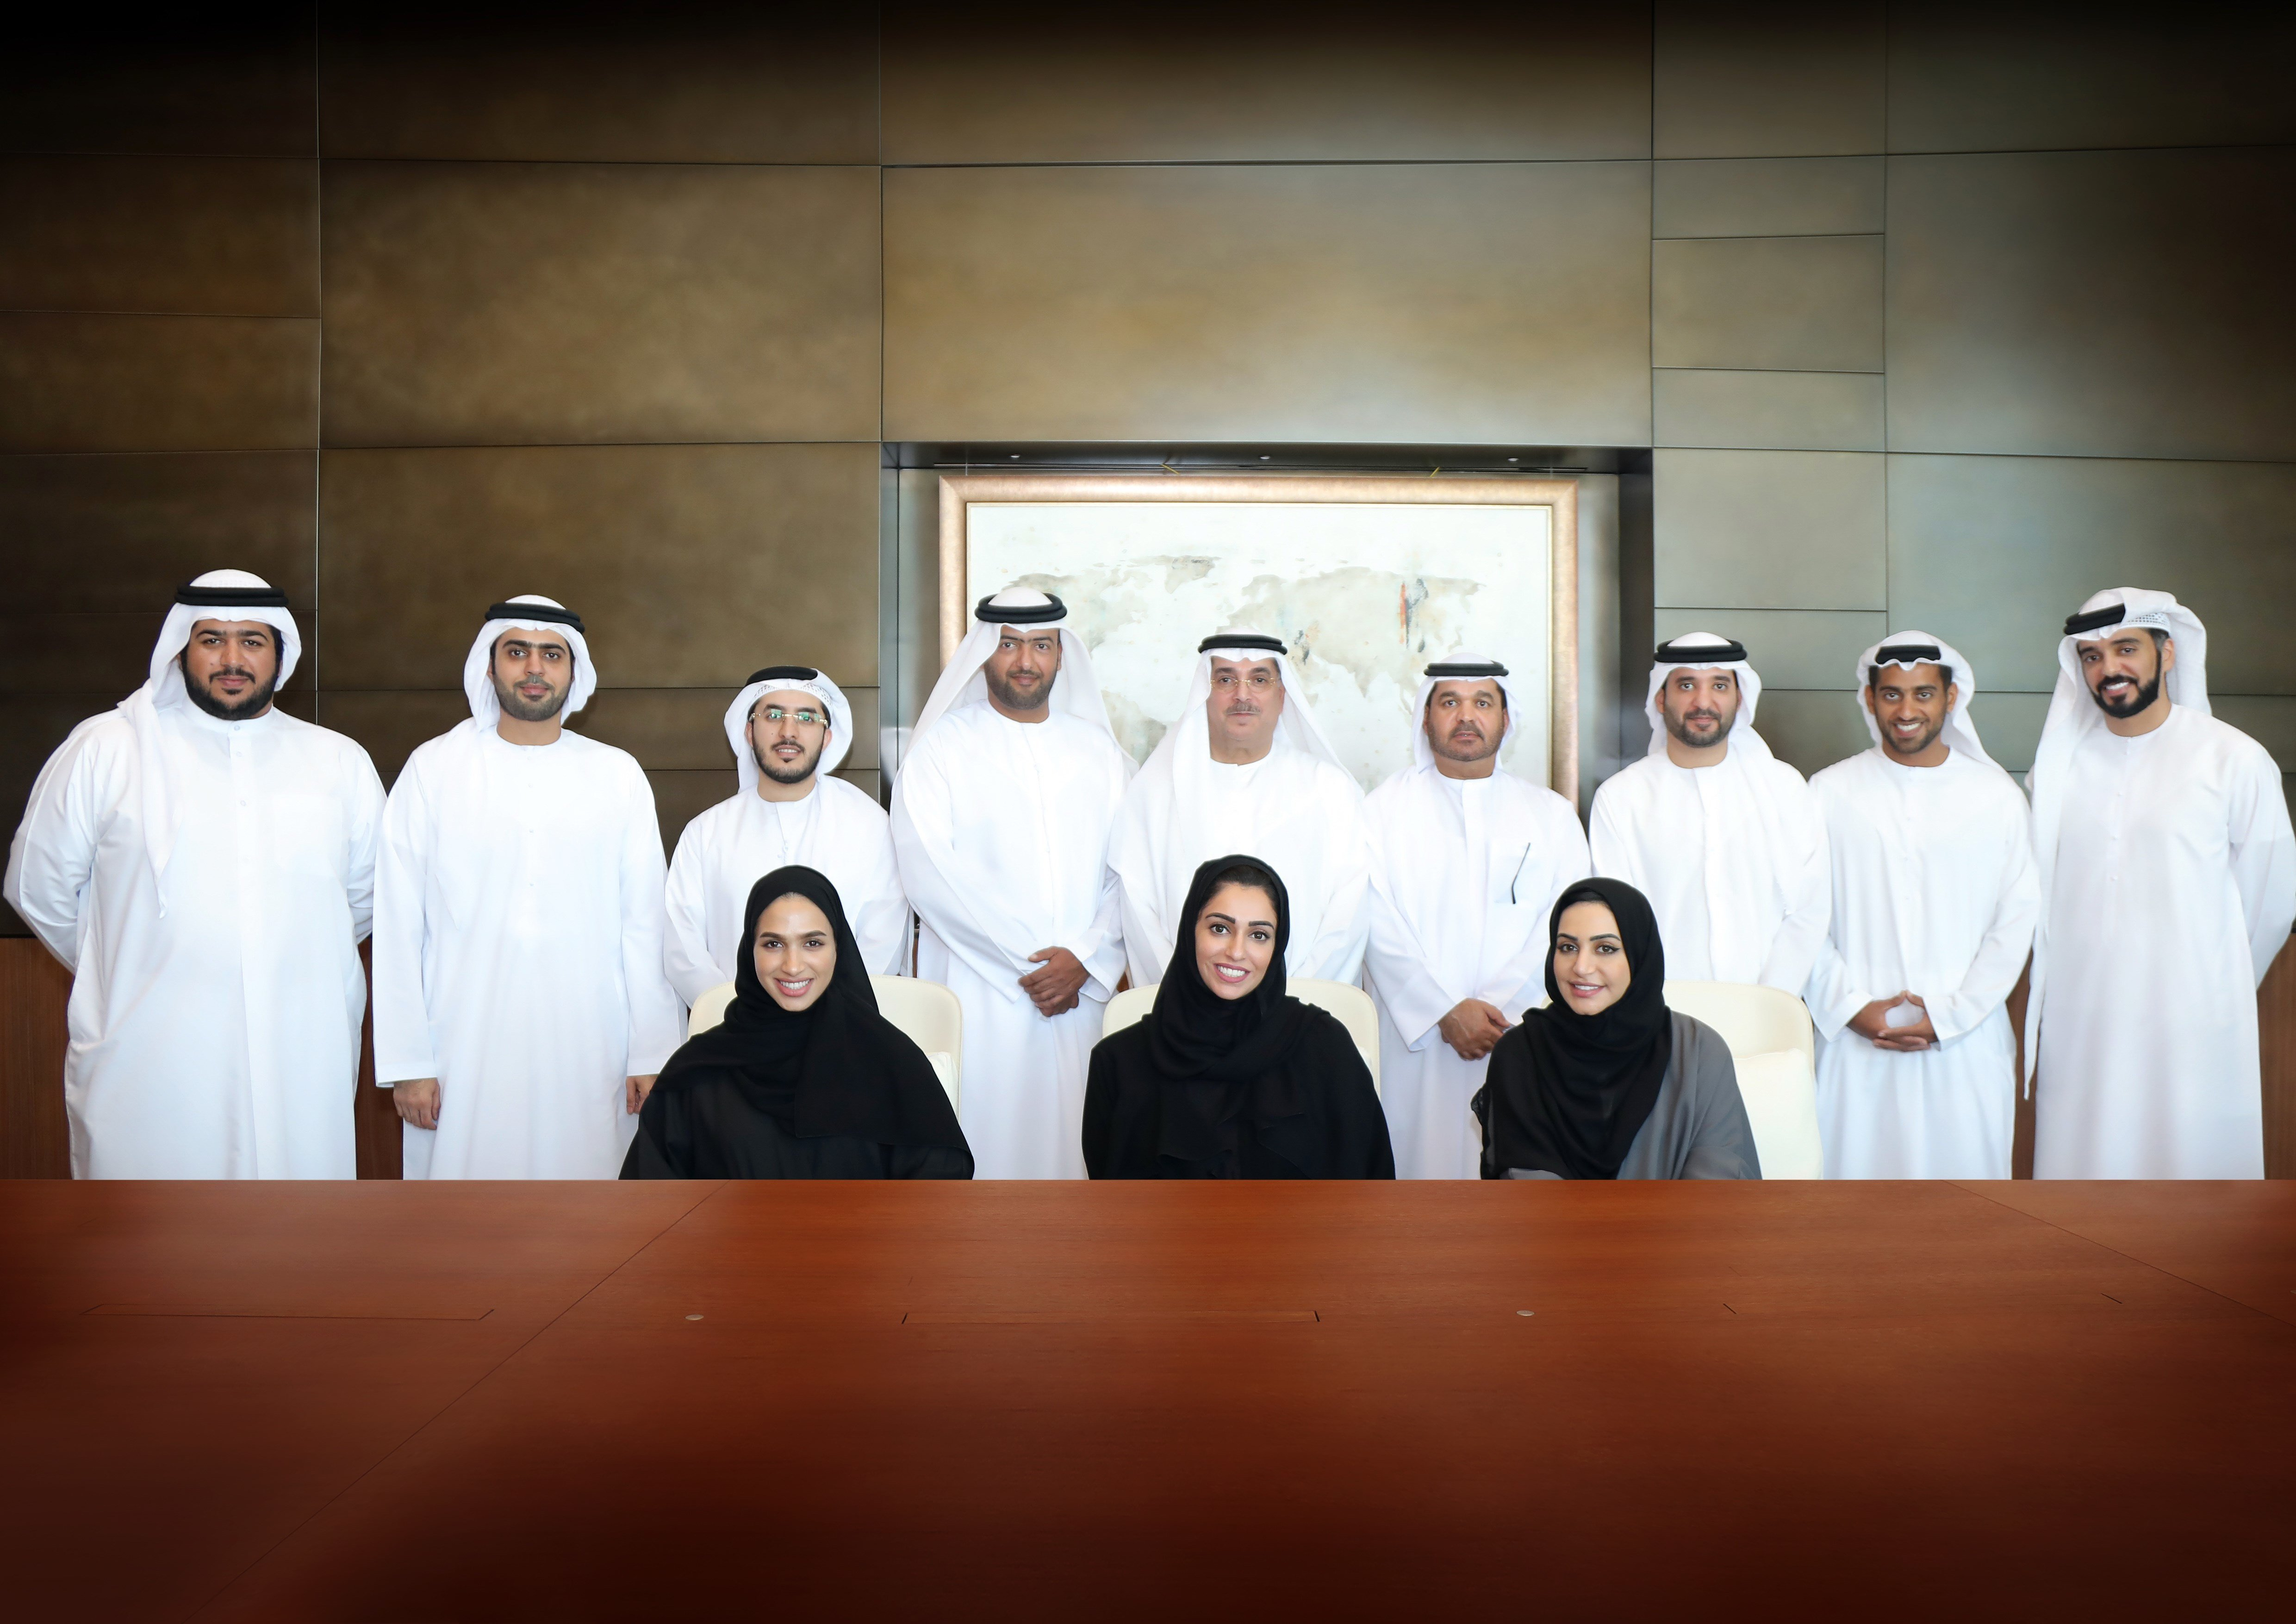 مجموعة سعيد ومحمد النابوده تحتفل بعامها الستين وشاباتها الى مواقع قيادية